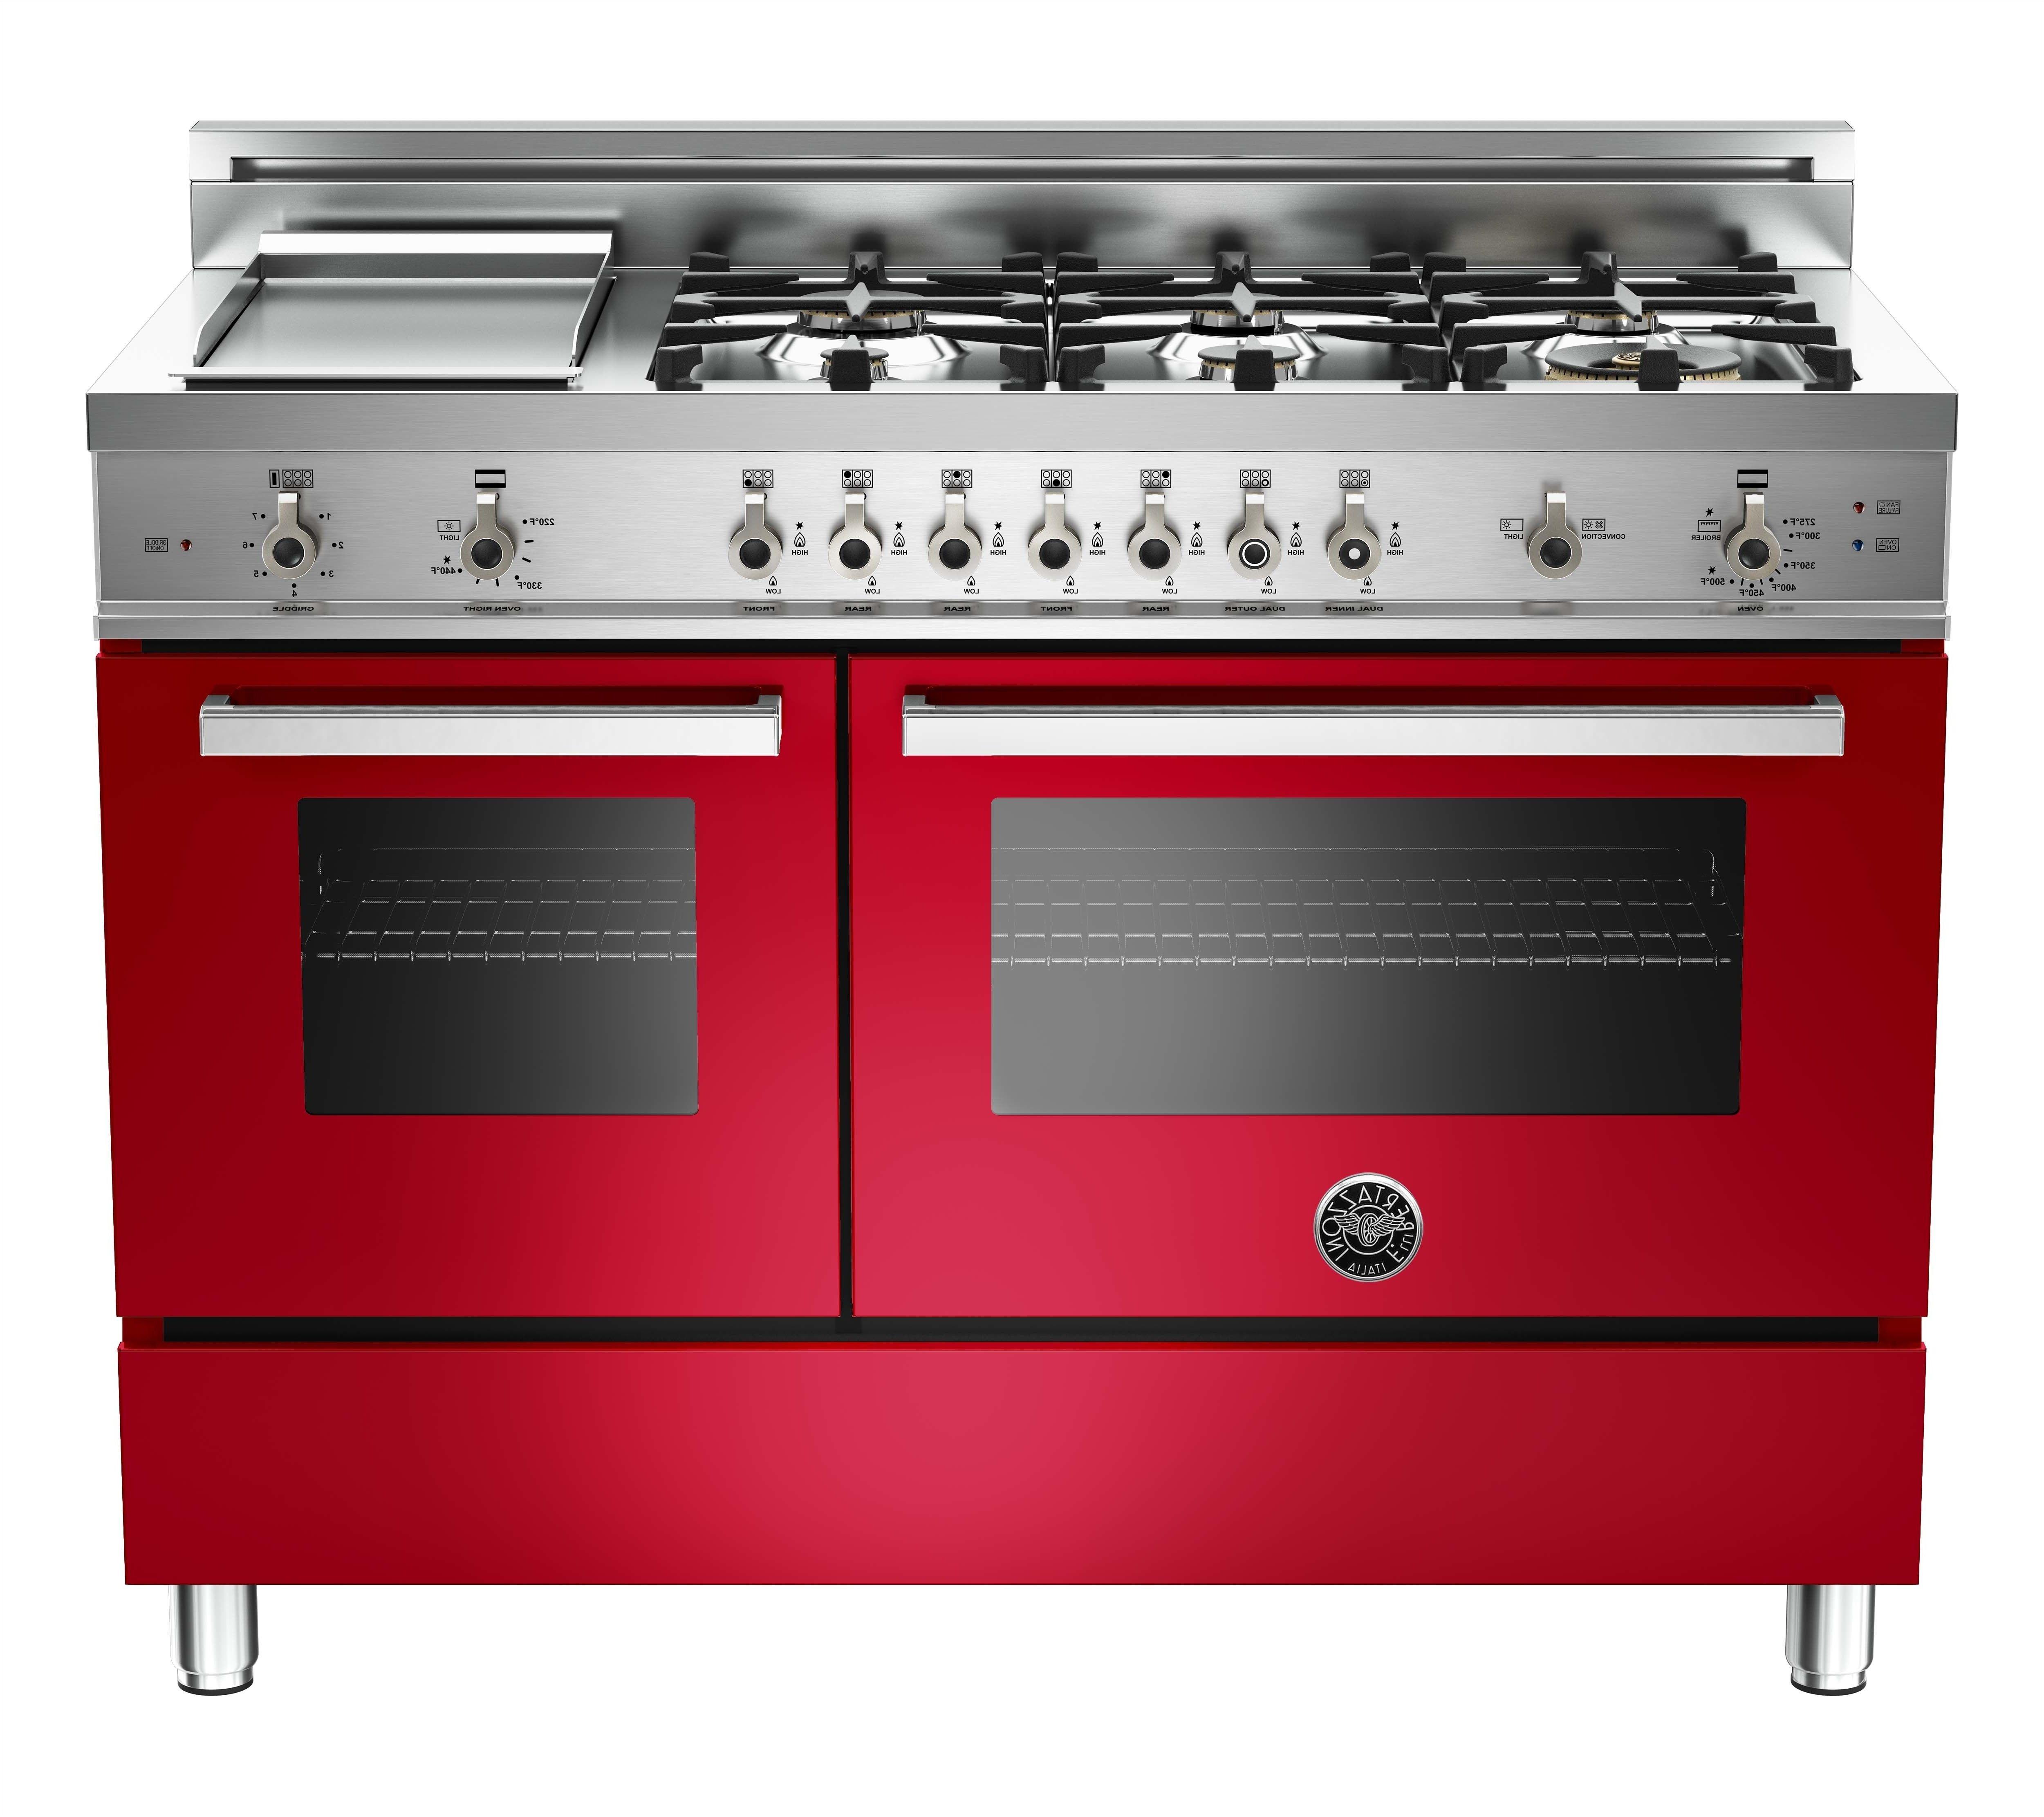 Unique Expensive Kitchen Appliances Brands Burgundy Oven